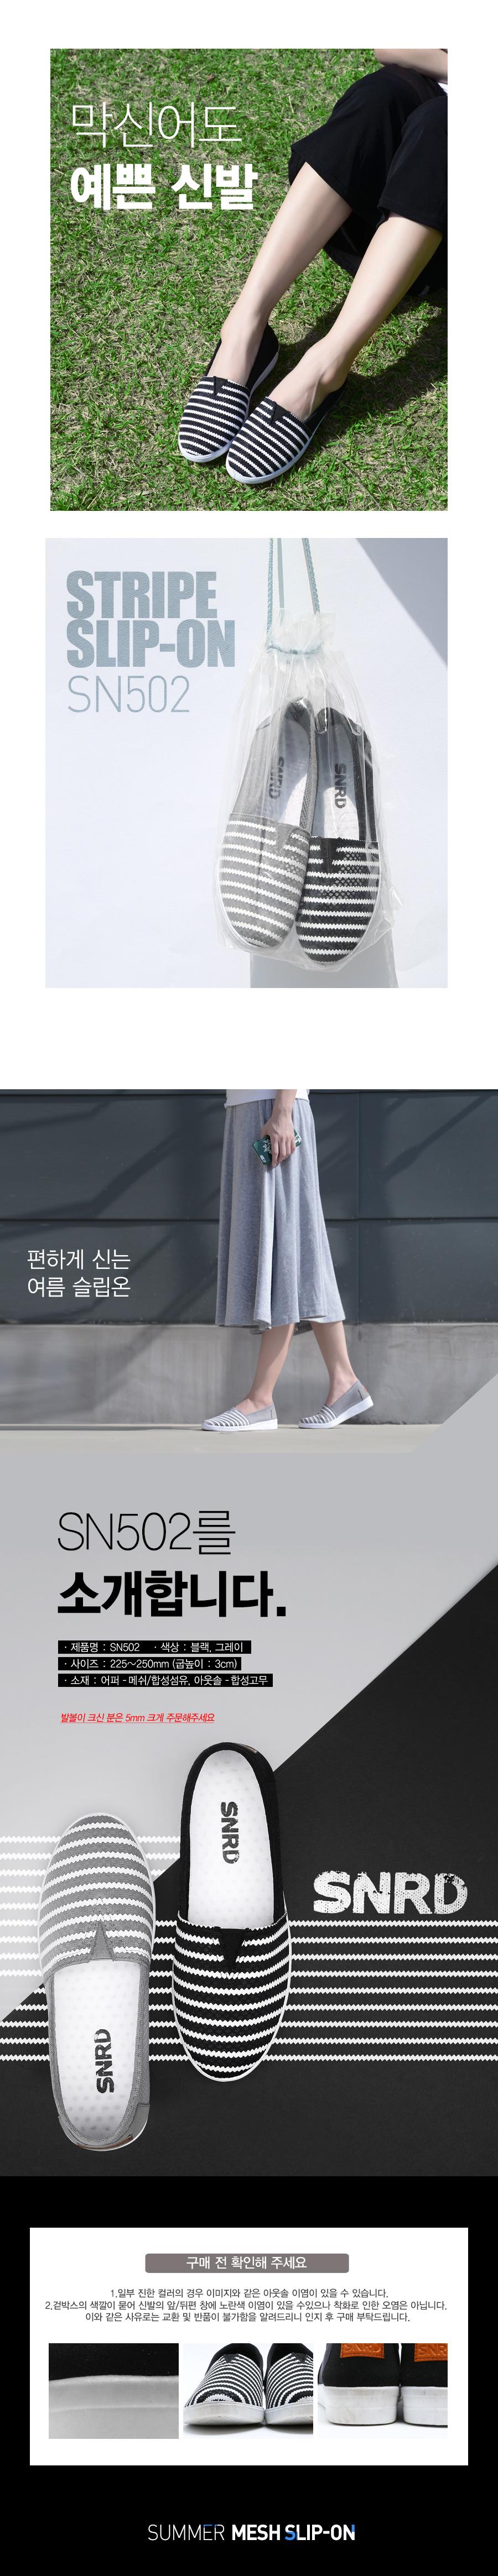 sn502_intro.jpg